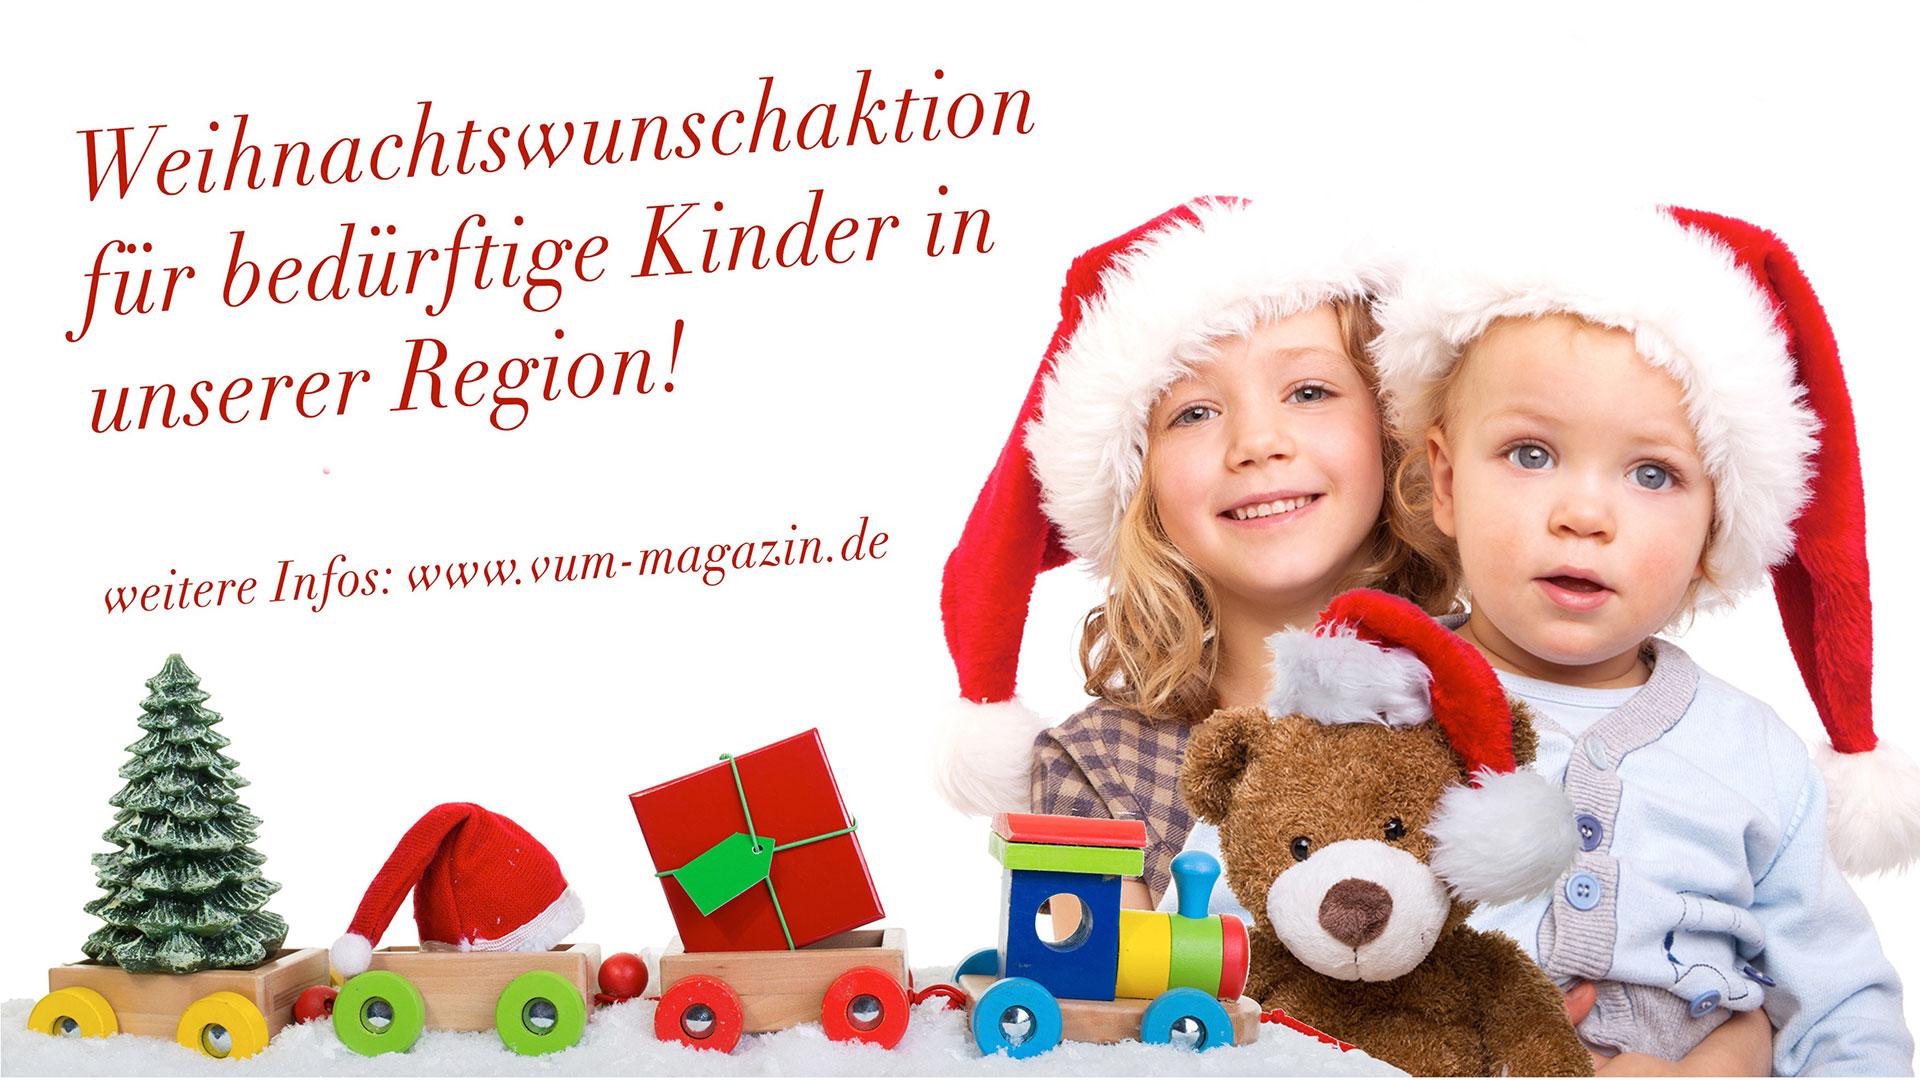 Weihnachtswunschaktion für bedürftige Kinder in den Vier- & Marschlanden